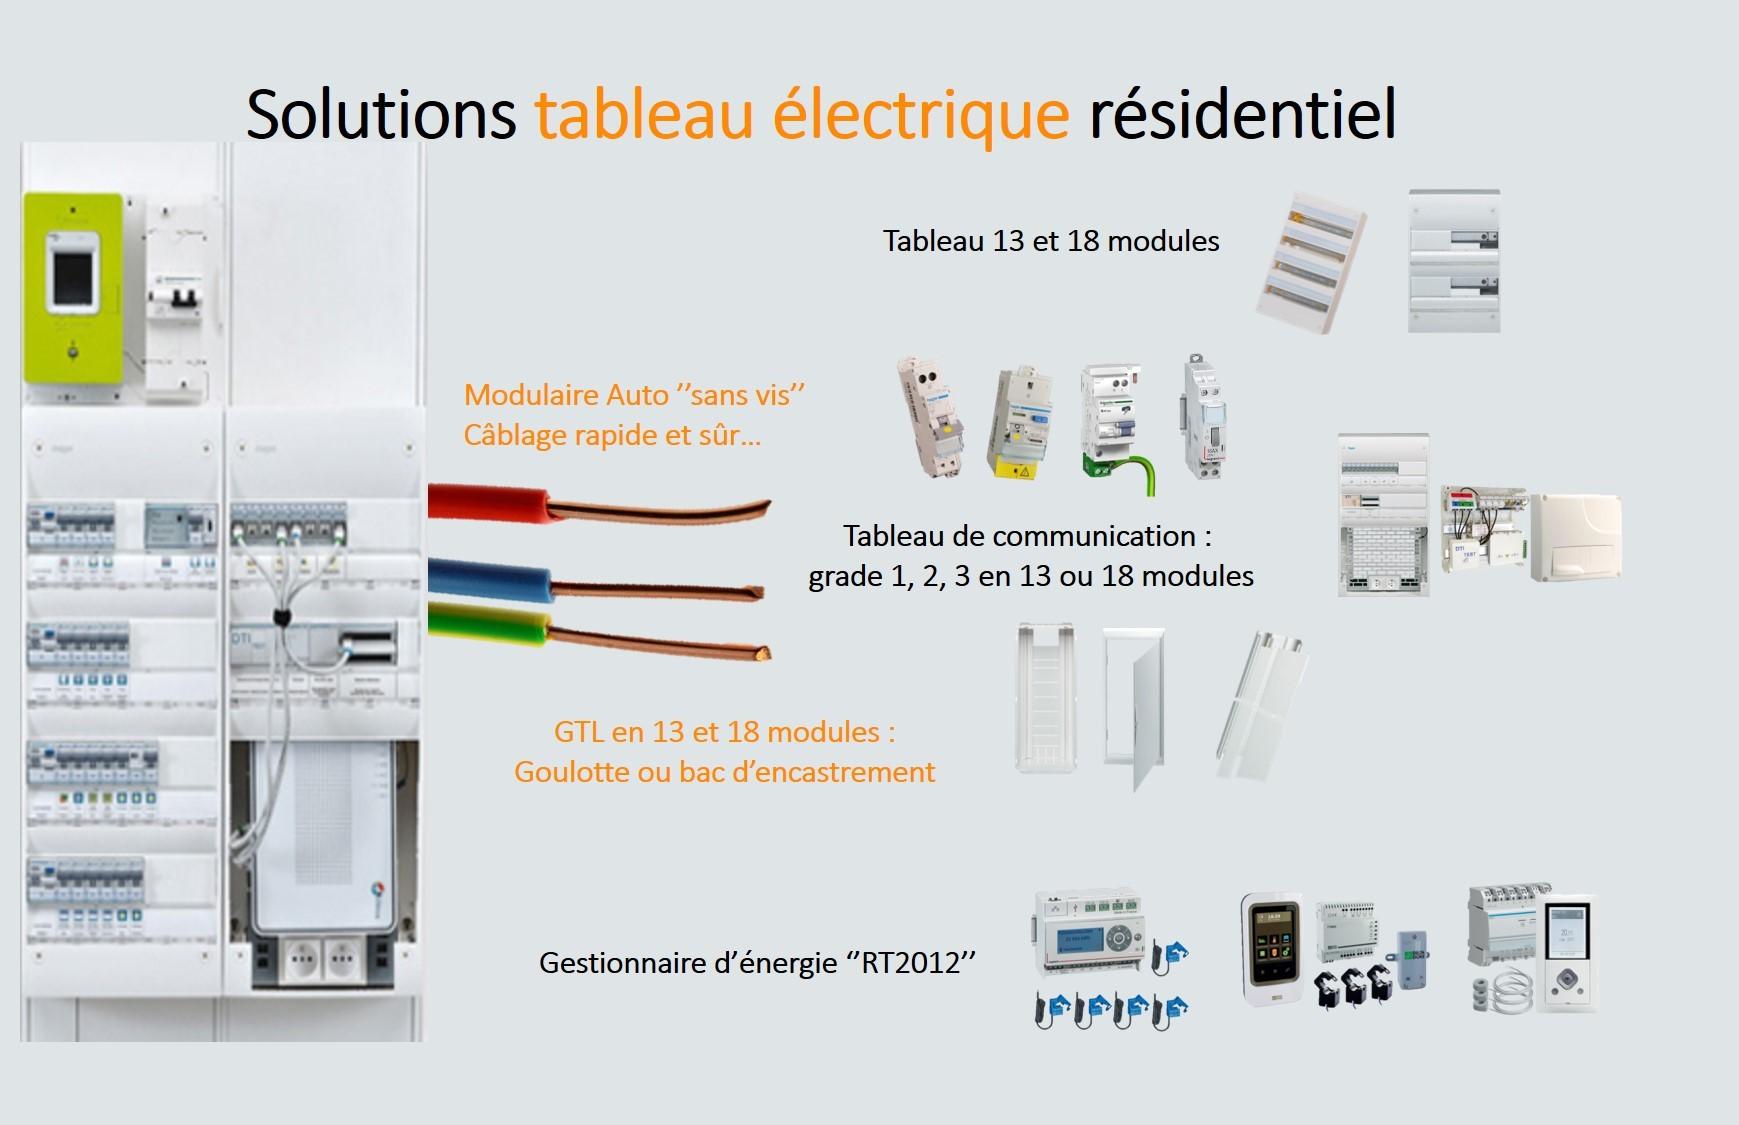 https://reielec.com/14-tableau-electrique-residentiel